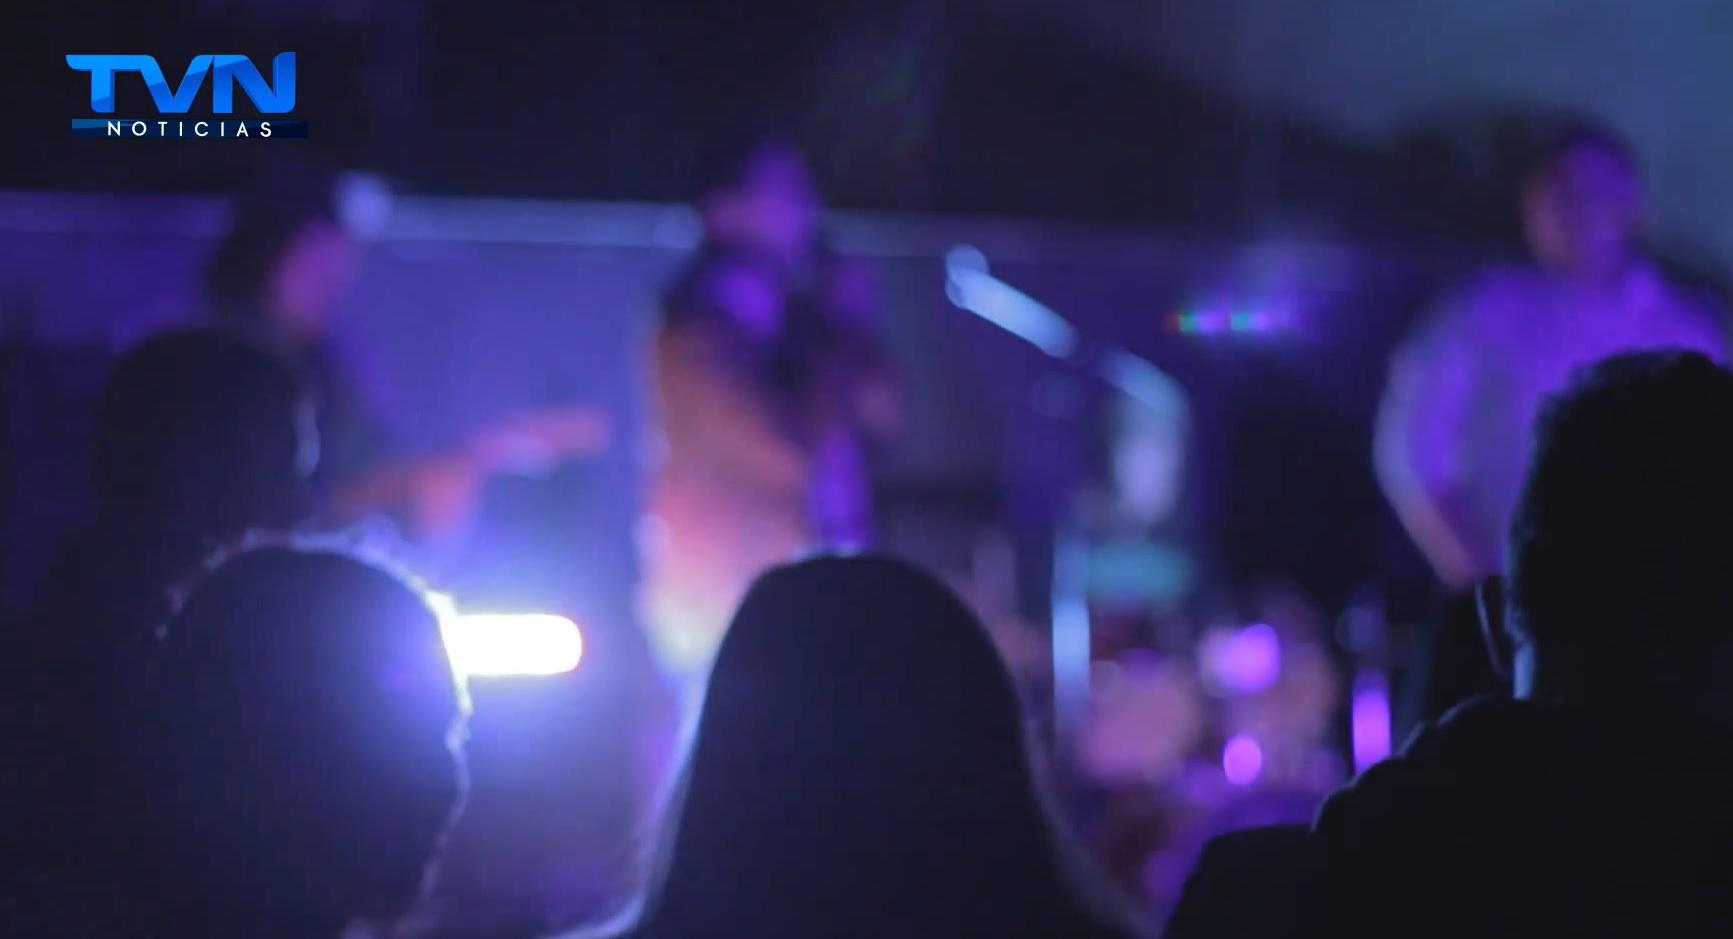 Los artistas norteños se reunirán para buscar una estrategia que reactive la industria del entretenimiento